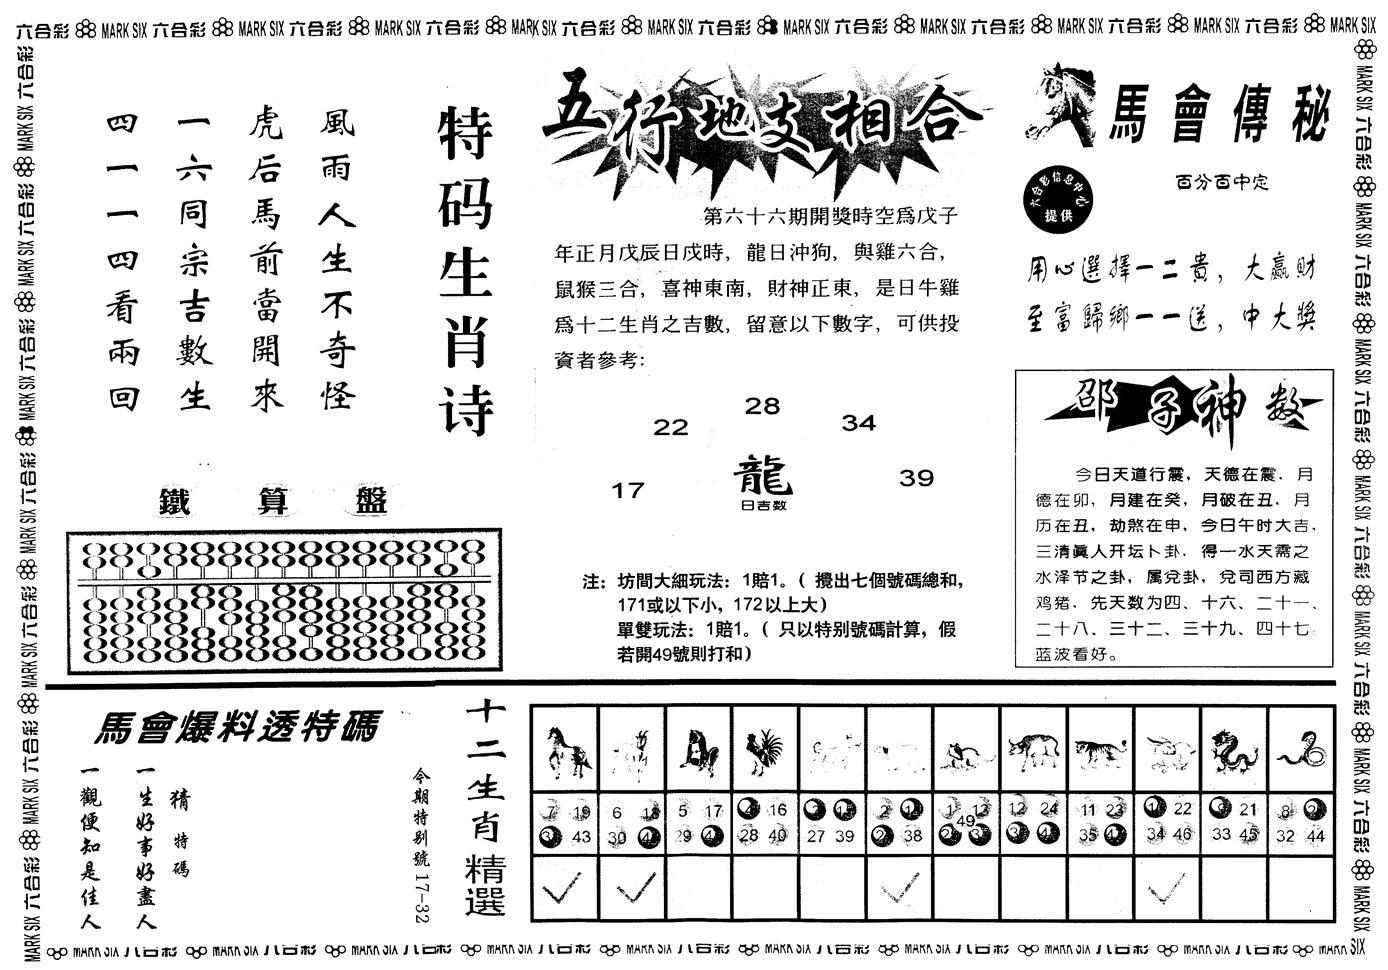 066期另版马会财经B(黑白)